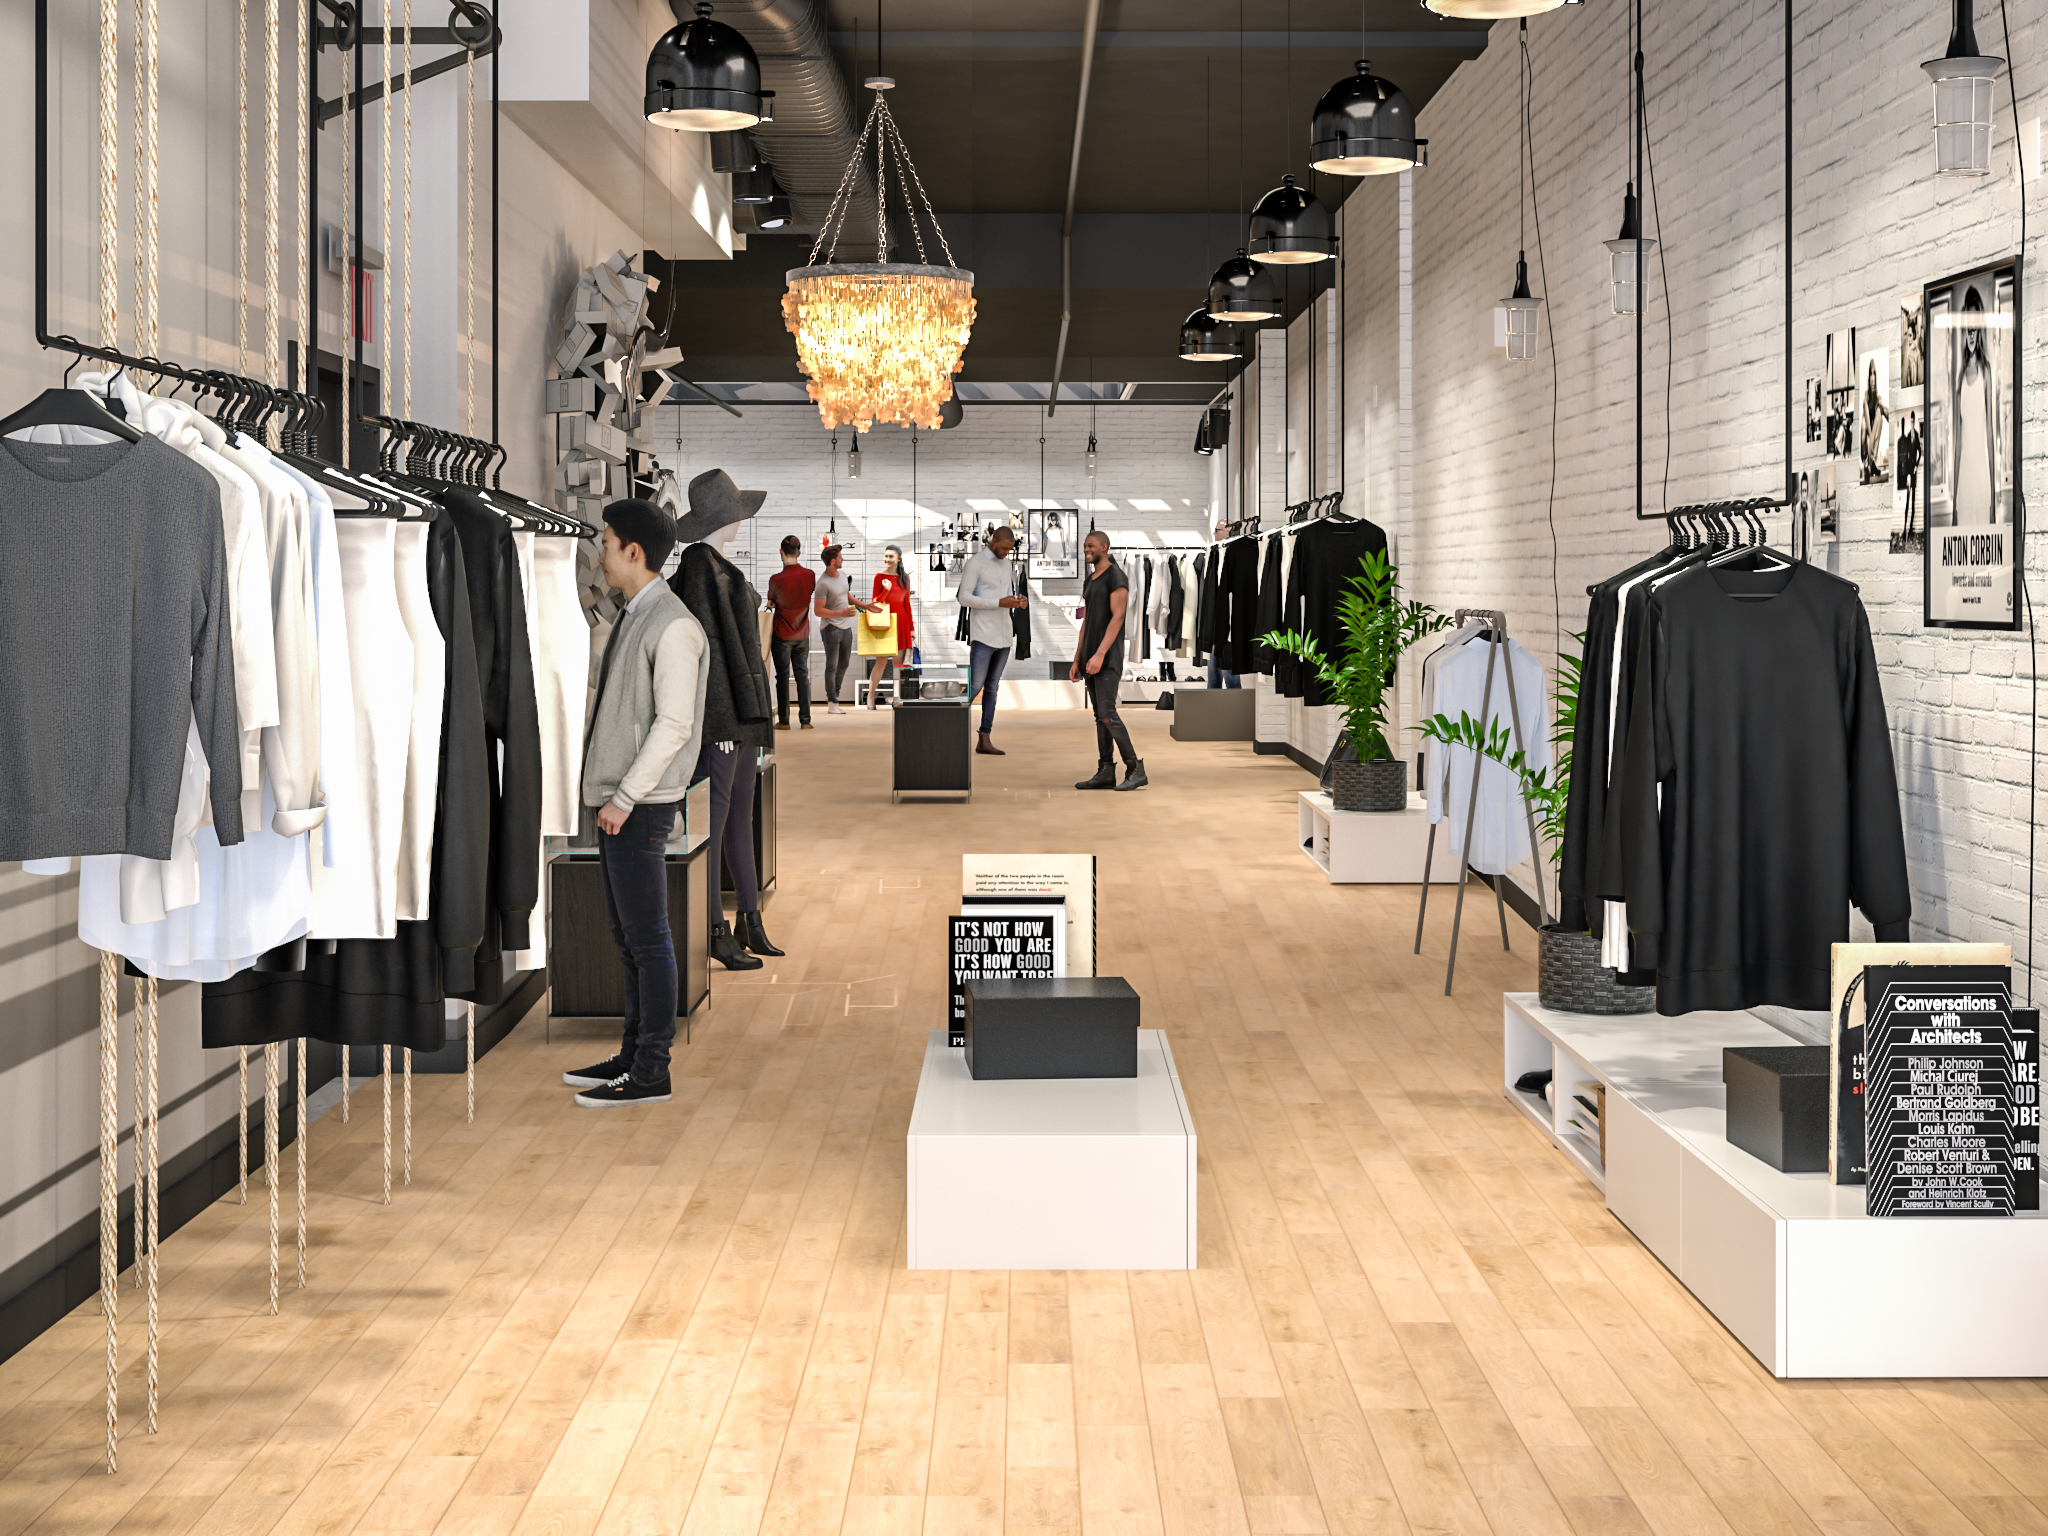 216_bowery_retail_interior